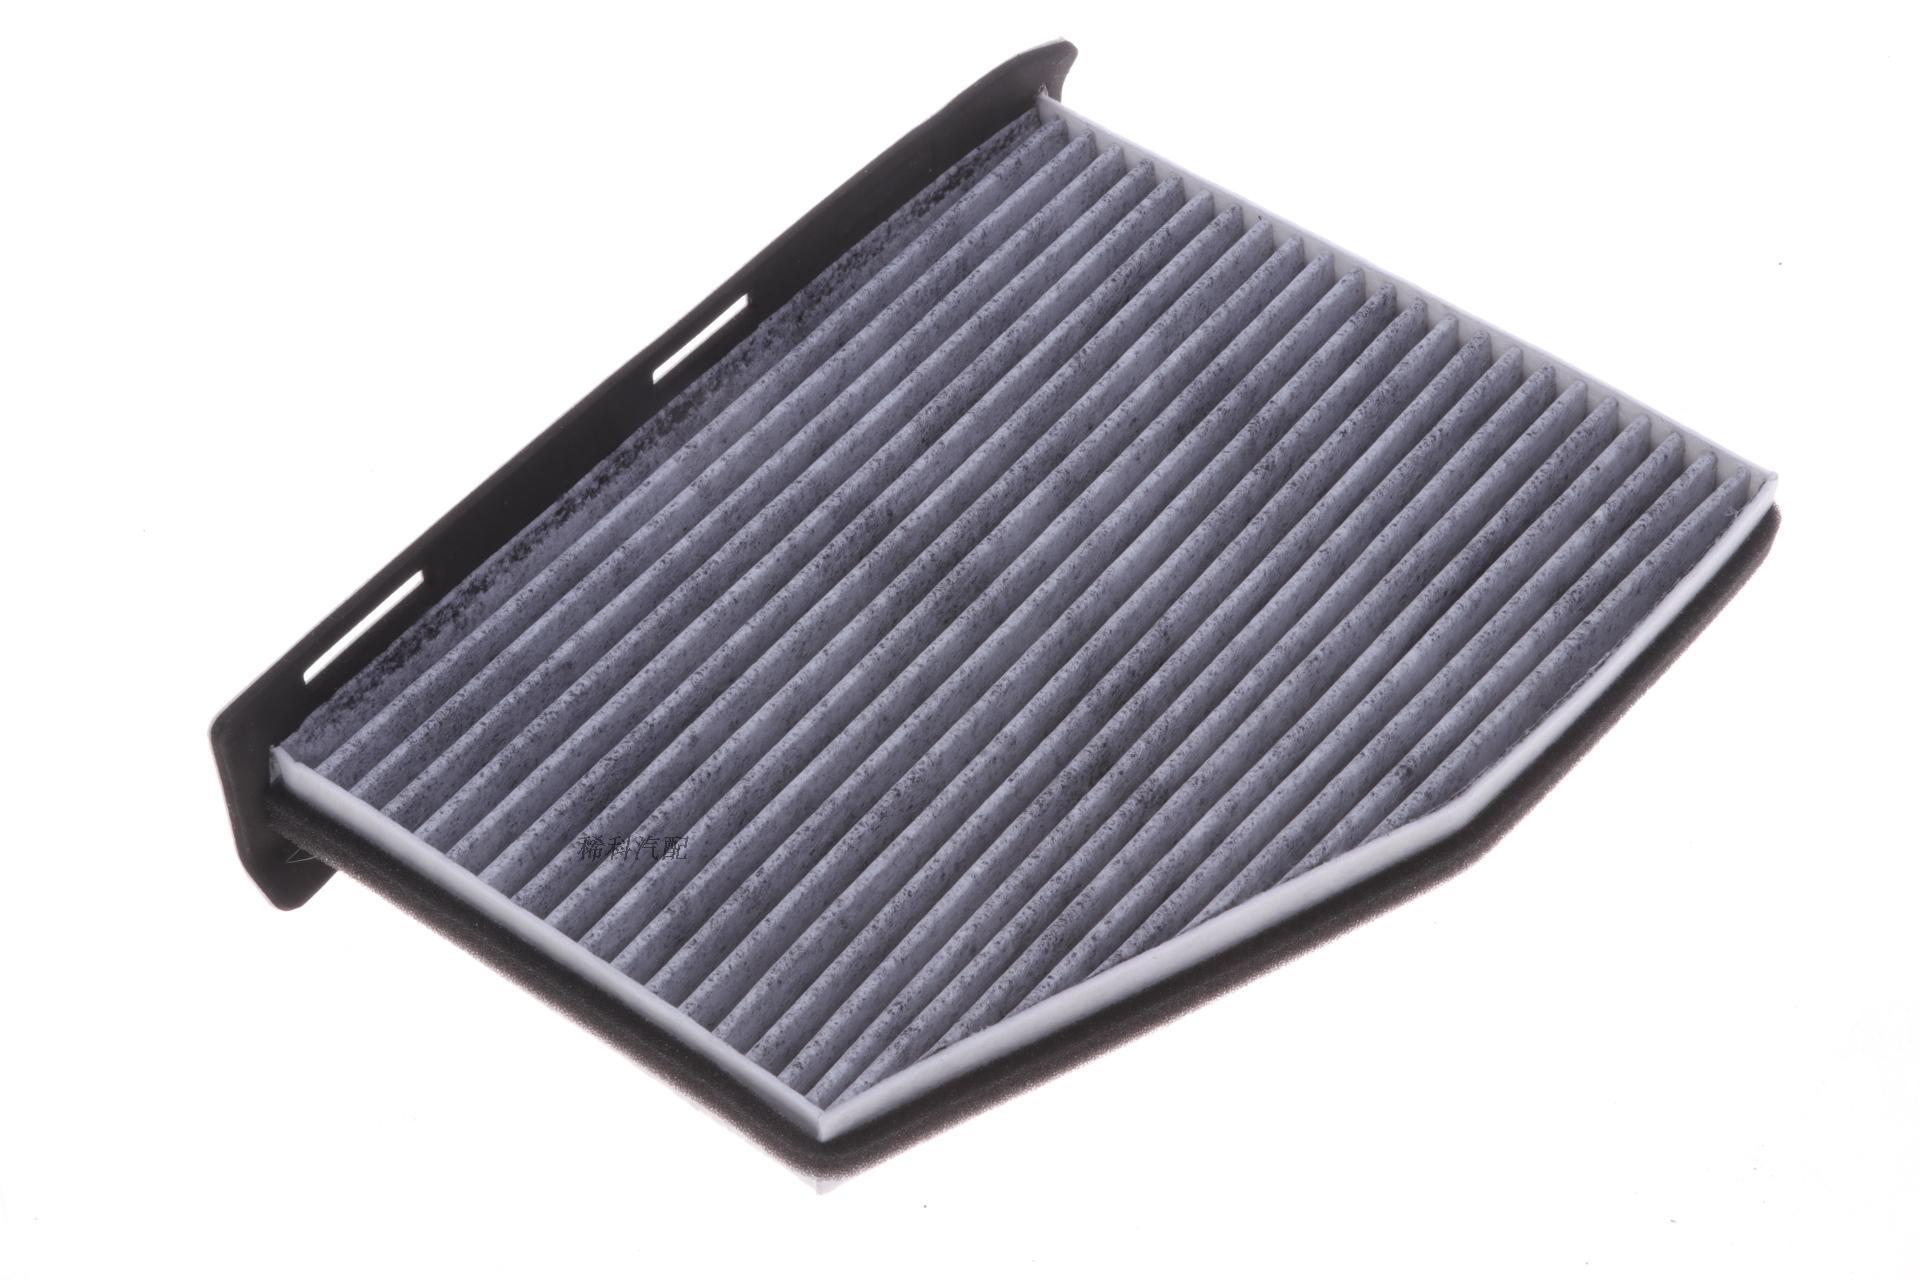 汽车滤清器空气滤芯空调滤芯机油滤汽油滤格三滤四滤套装过滤网